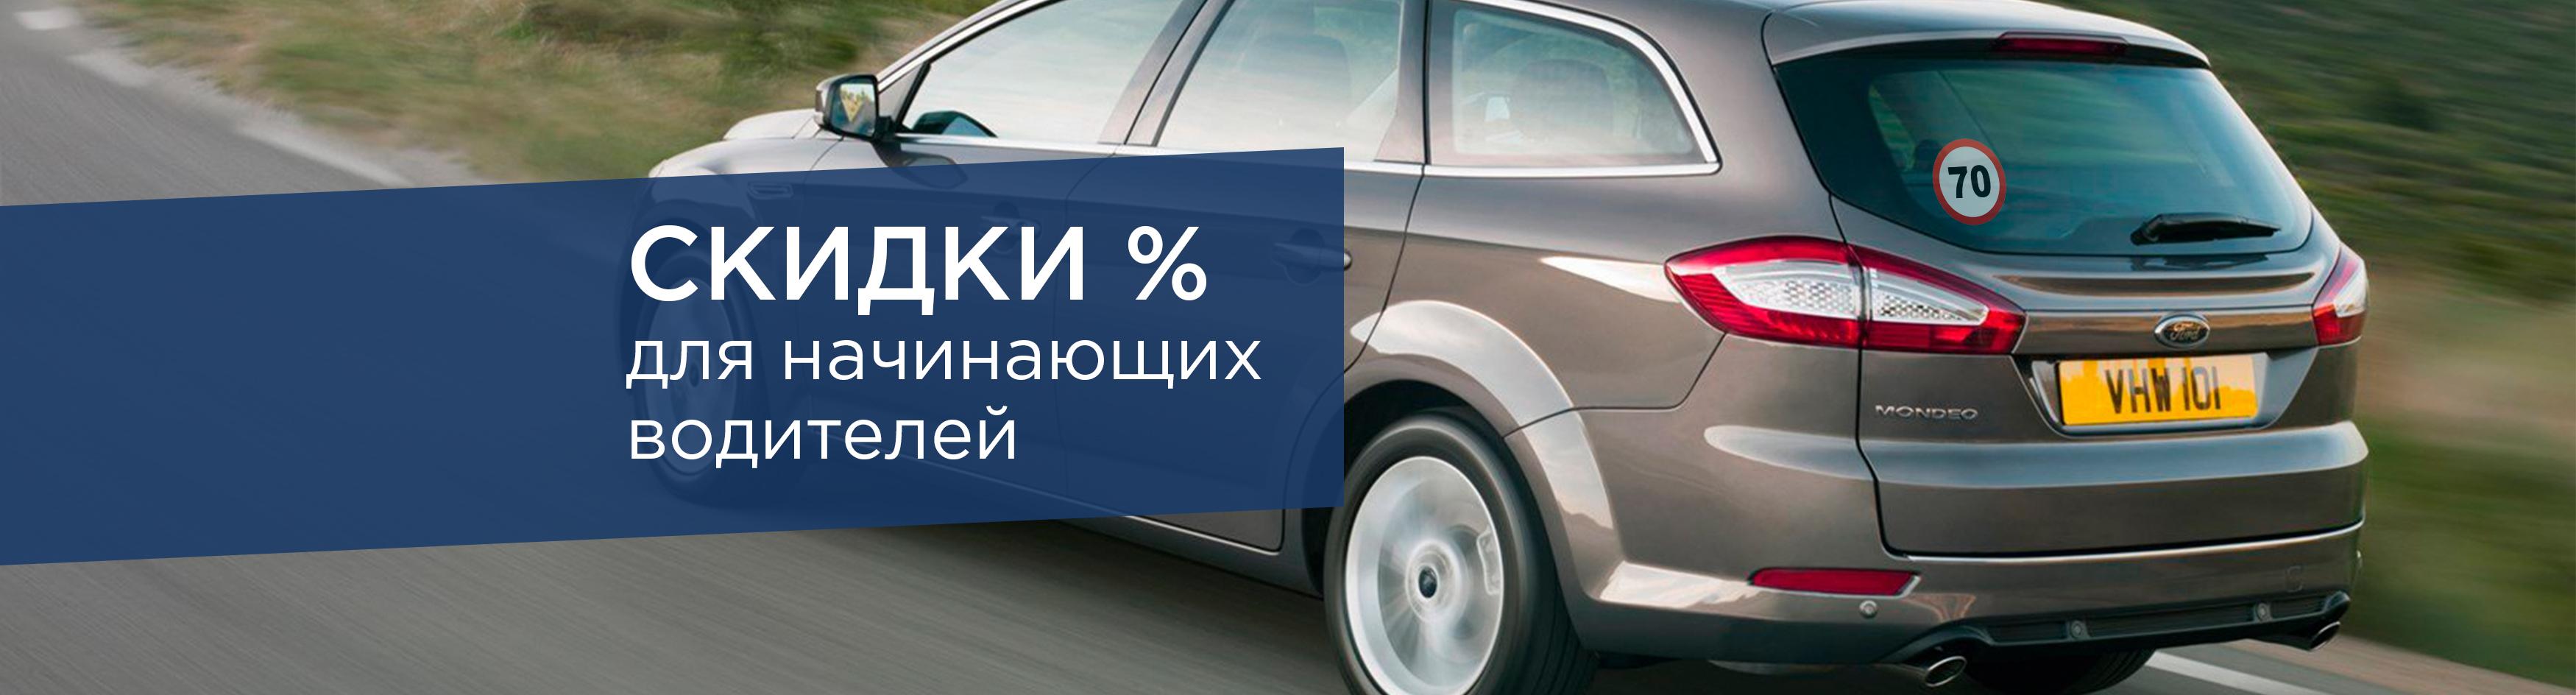 магазин запчастей ford на орловской минск